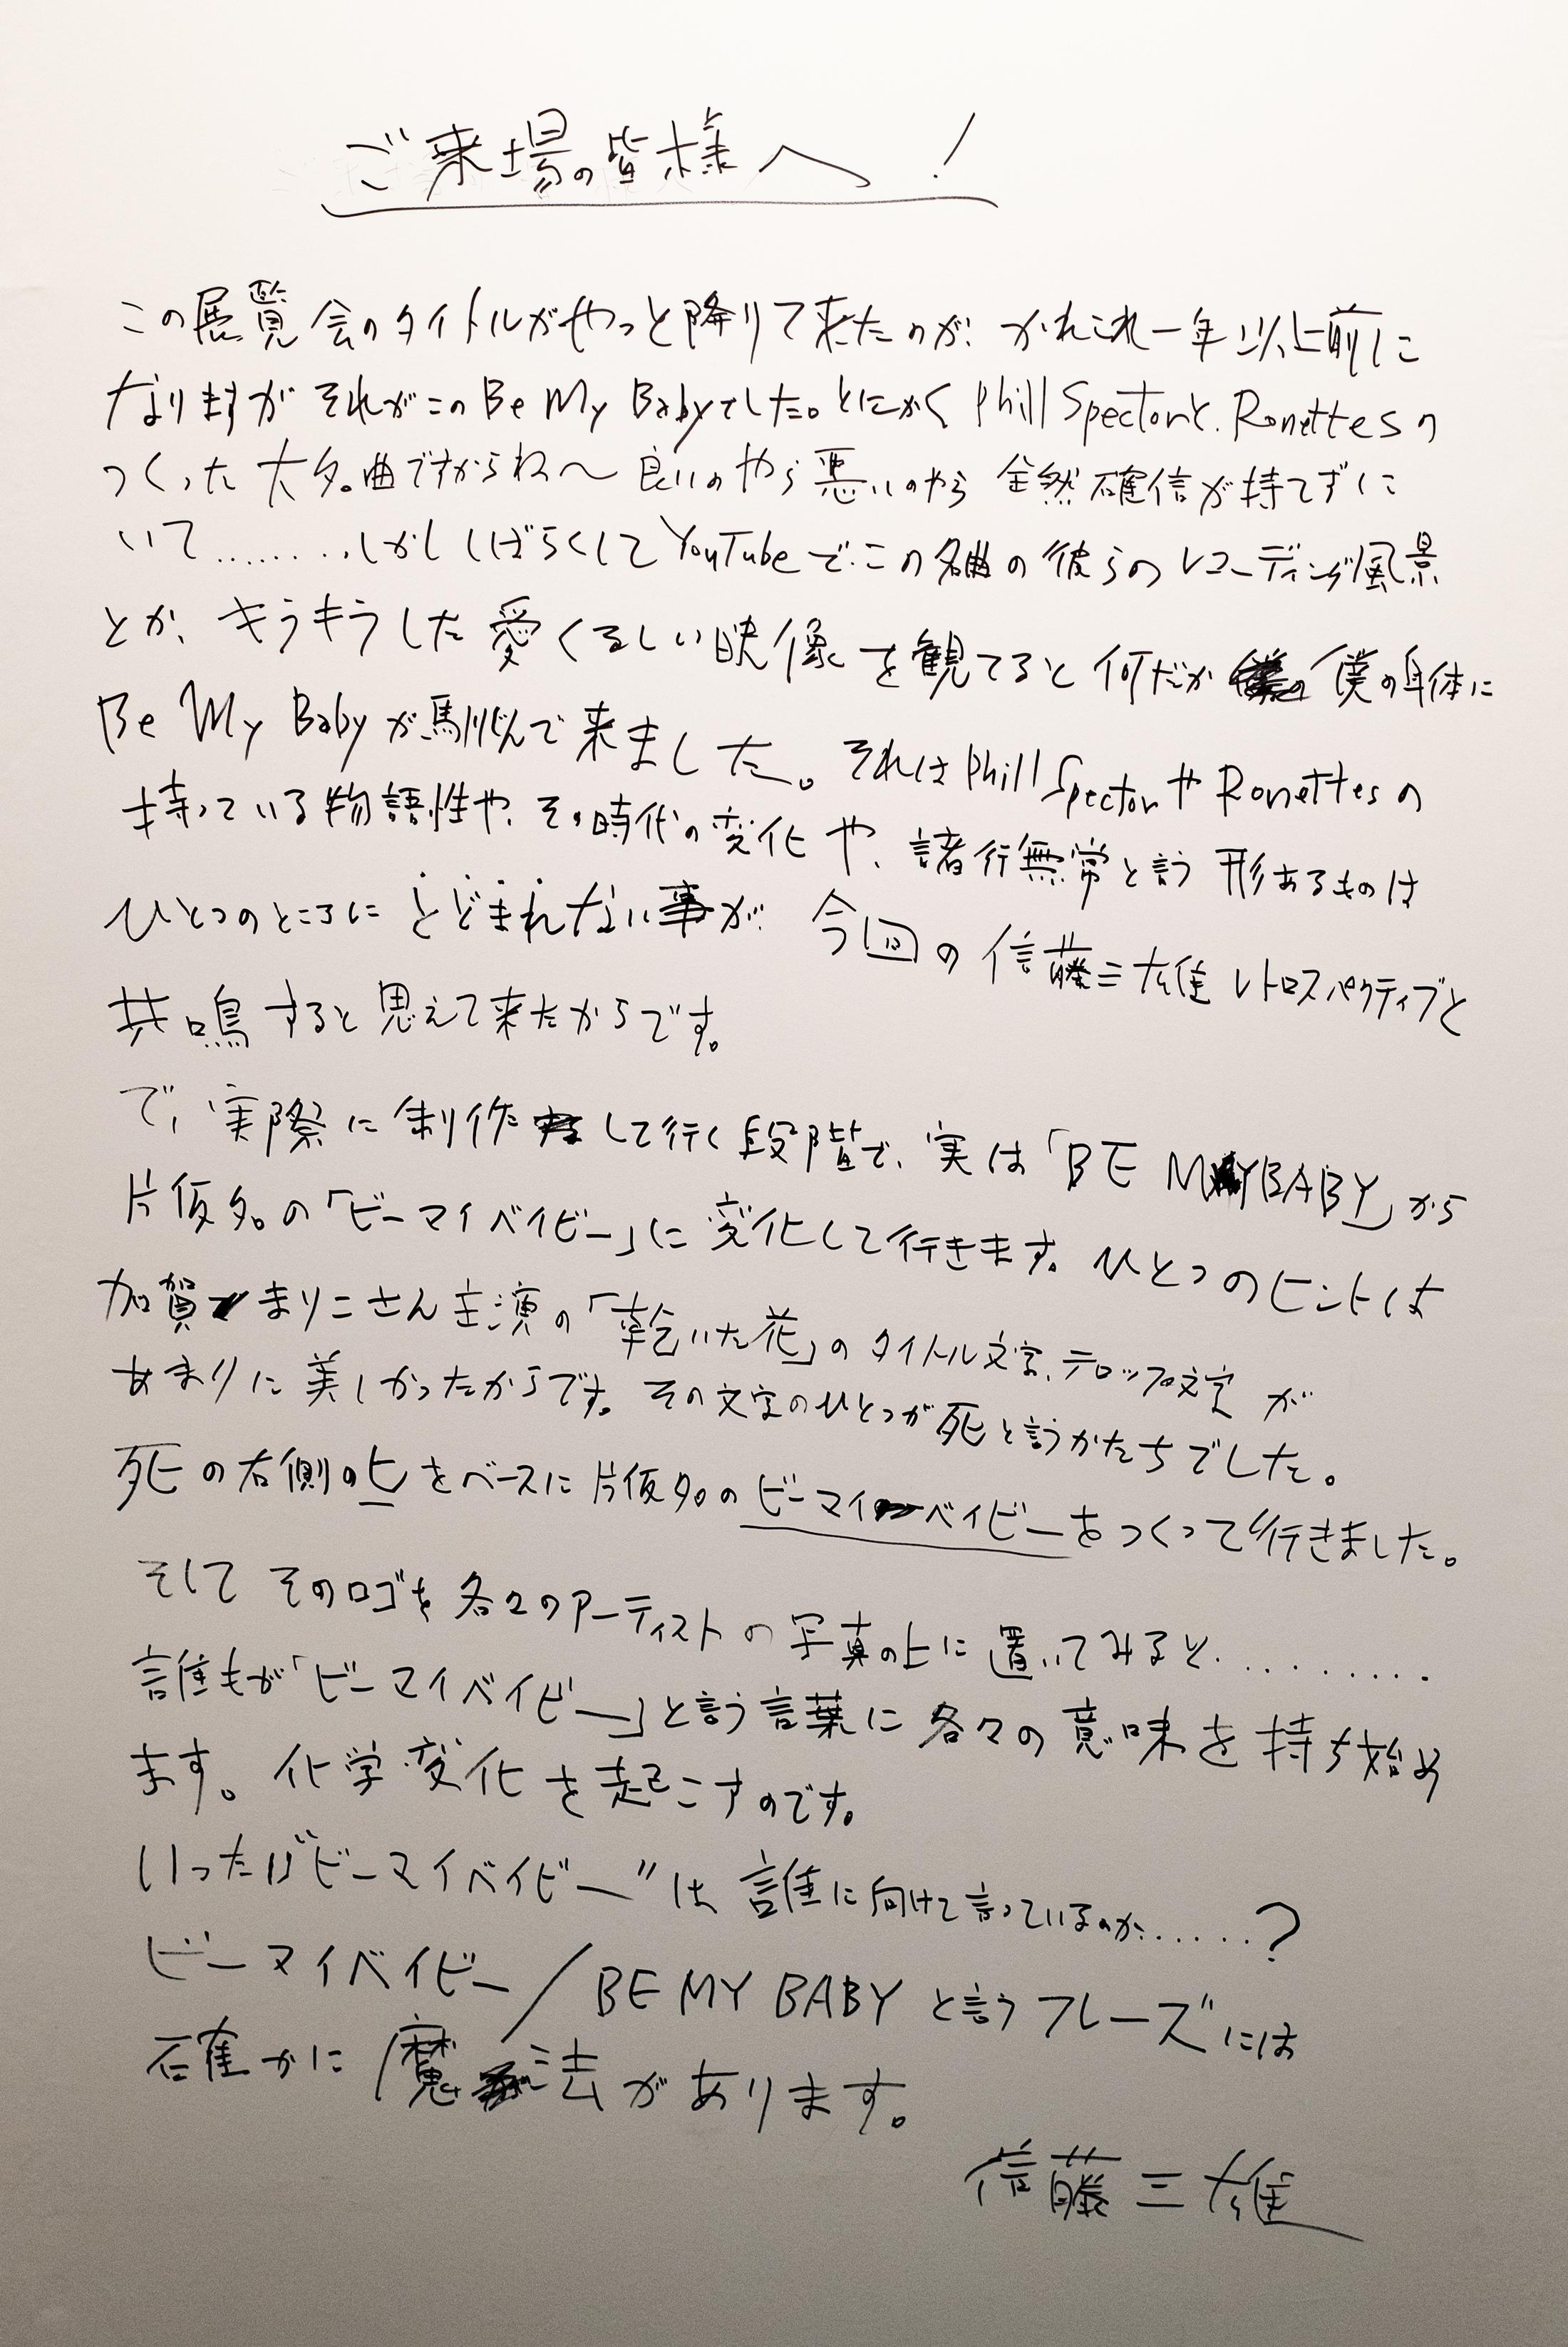 ビーマイベイビー 信藤三雄レトロスペクティブ